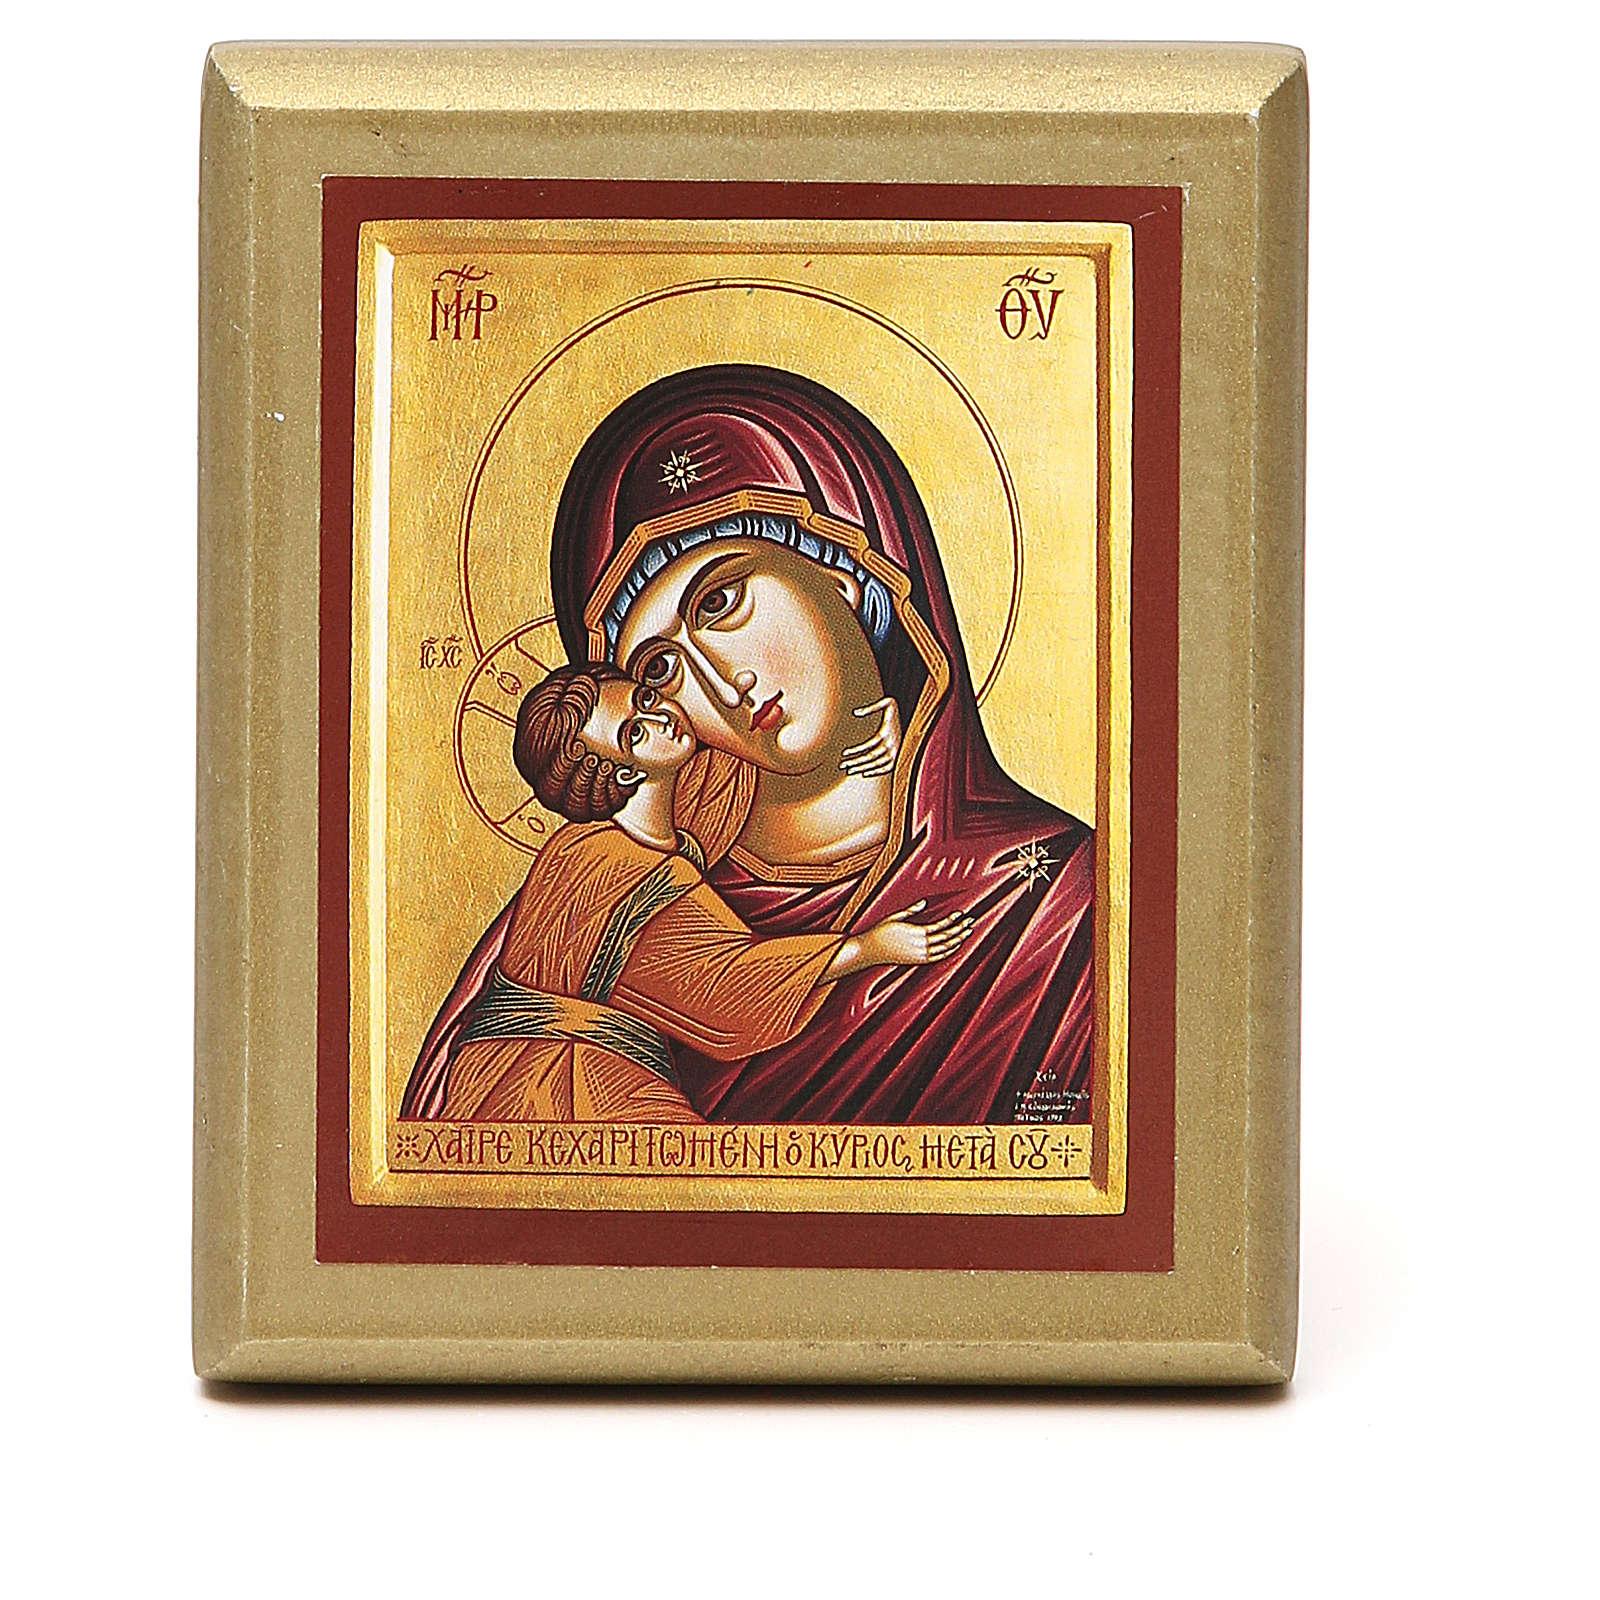 Cuadro Virgen María Manto Rojo Borde Dorado 10 x 6,5 cm CANTIDAD LIMITADA 3